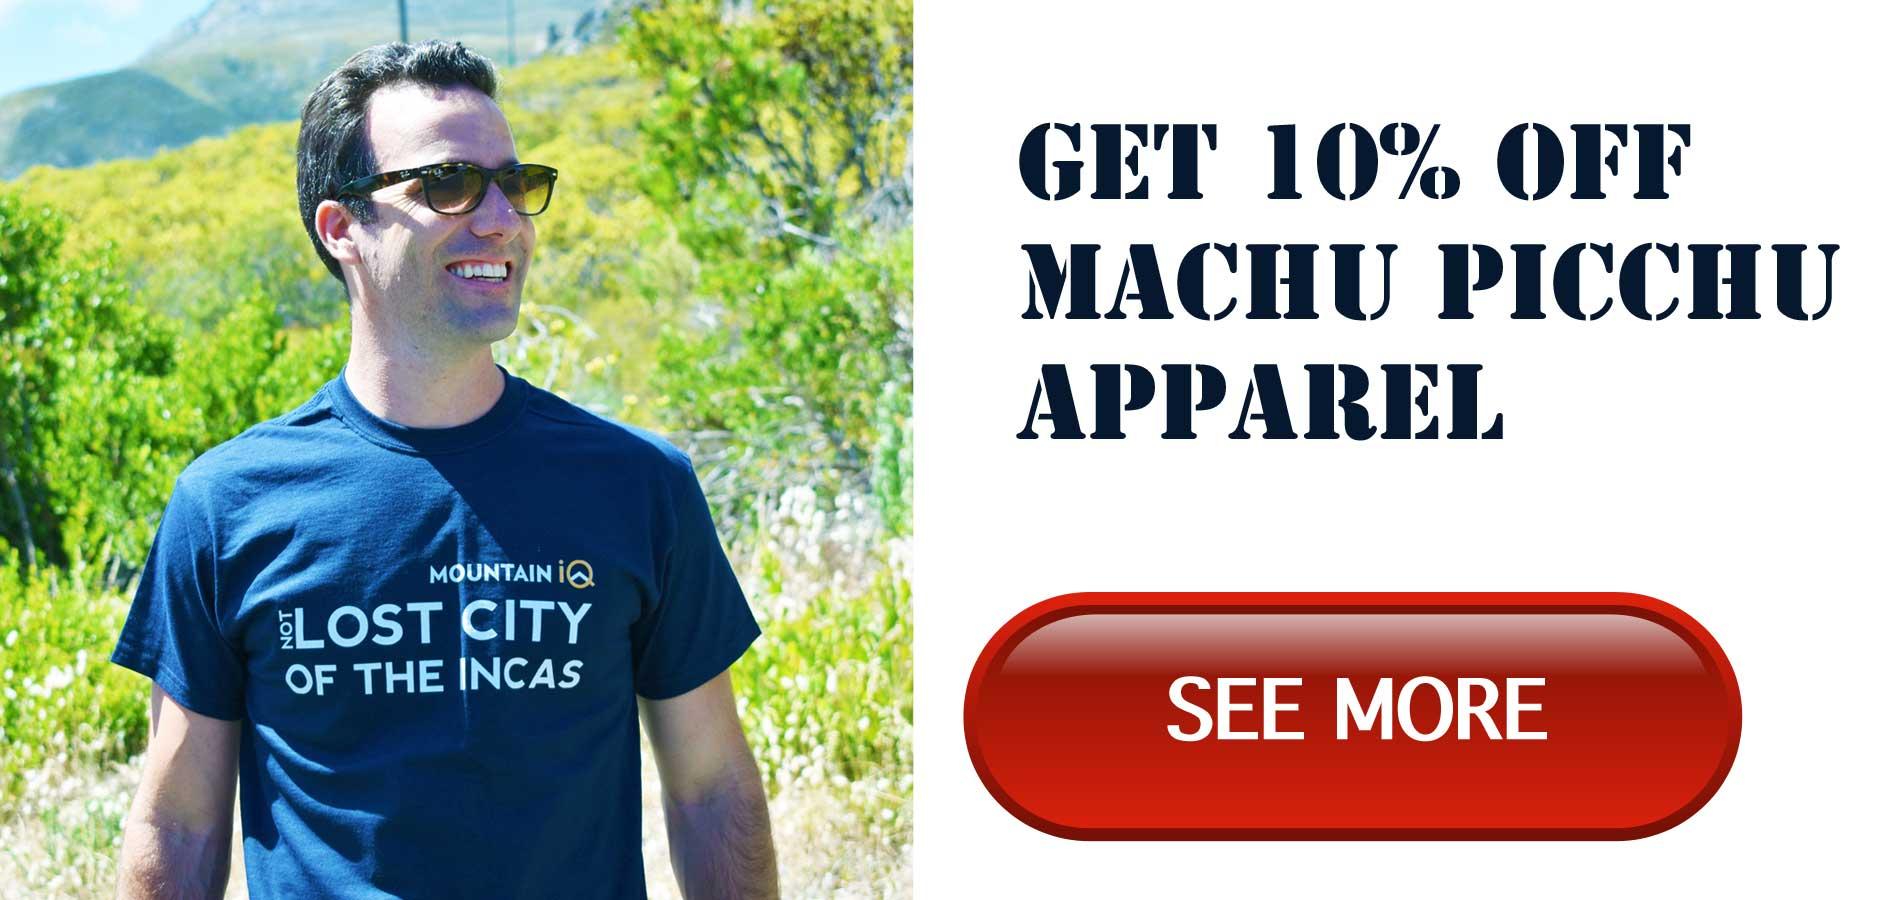 machu picchu gear